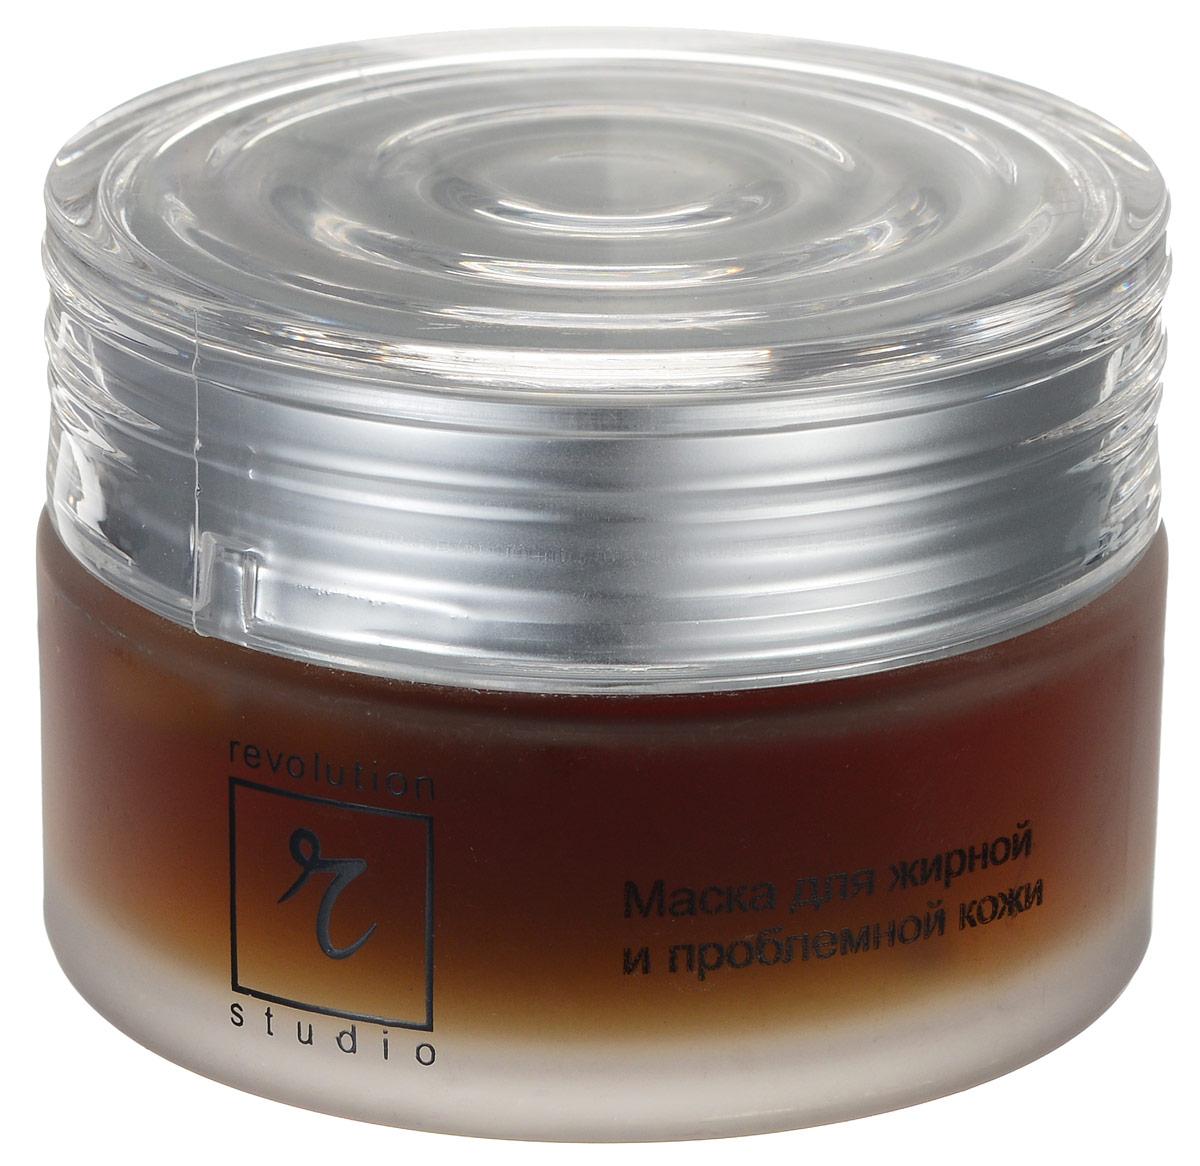 R-Studio Гель-маска для жирной и проблемной кожи лица 50 мл1643 sГель-маска для жирной и проблемной кожи обладает: мощным противовоспалительным эффектом; выраженным увлажняющим действием; эффективным противоотечным действием; выраженным антиаллергическим эффектом; выраженным регенерирующим и гормоностабилизирующим действием; восстанавливает работу сальных желез; устраняет угревые высыпания и препятствует образованию новых. При регулярном применении сглаживает вирусные проявления и пигментные пятна на коже, а также предотвращает появление мелких морщин, делает кожу упругой и эластичной.